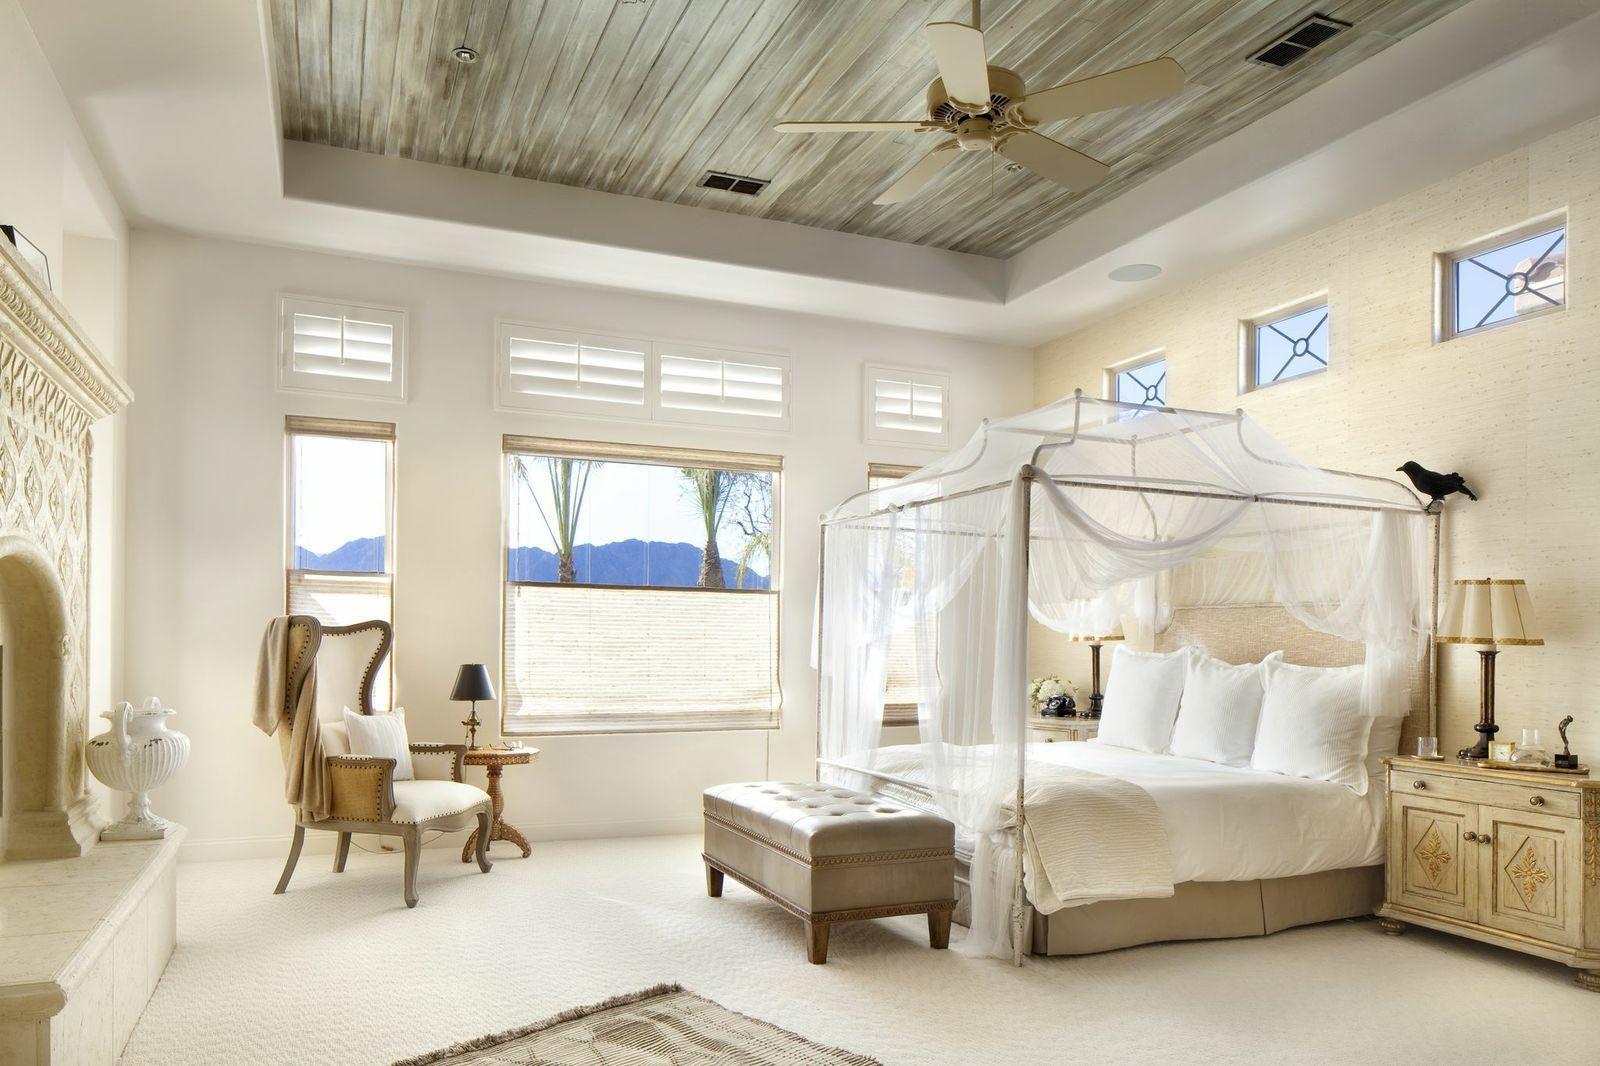 Komfort Schlafsack In Super Baldachin Bett Design   Wohndesign